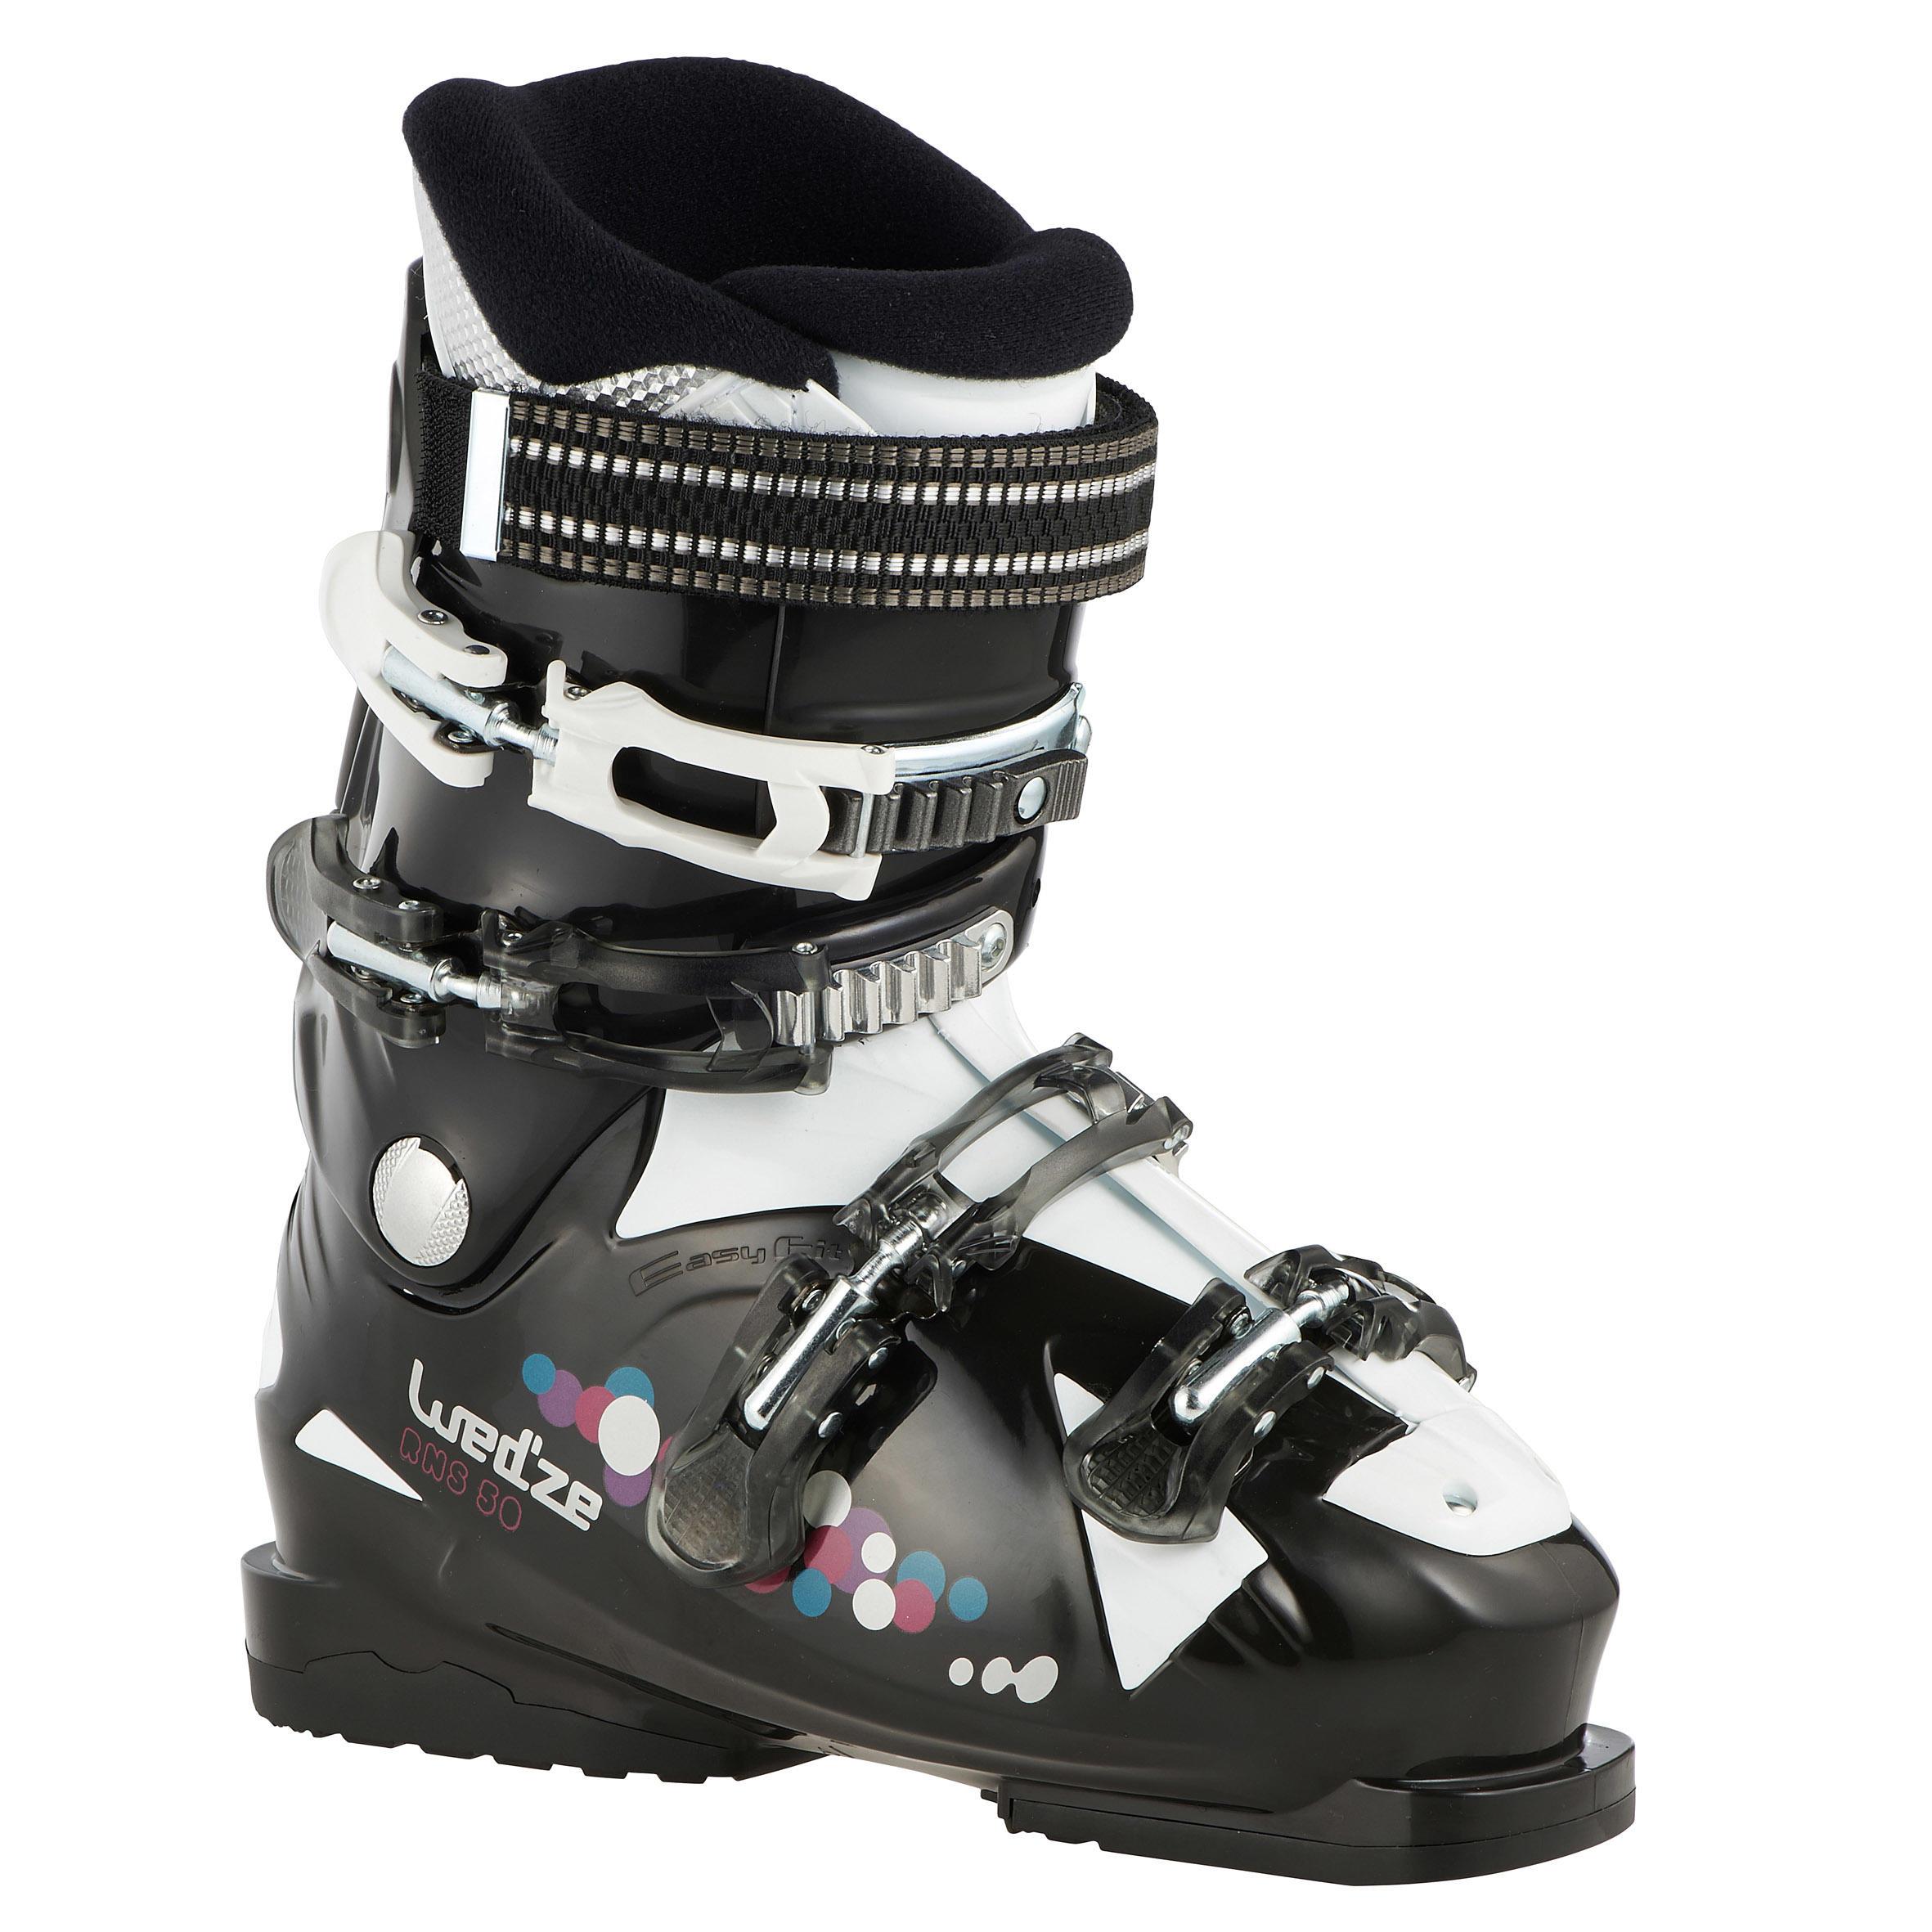 Damen Ski-Schuhe RNS 50 Rental Damen Flex 55   03608449946995